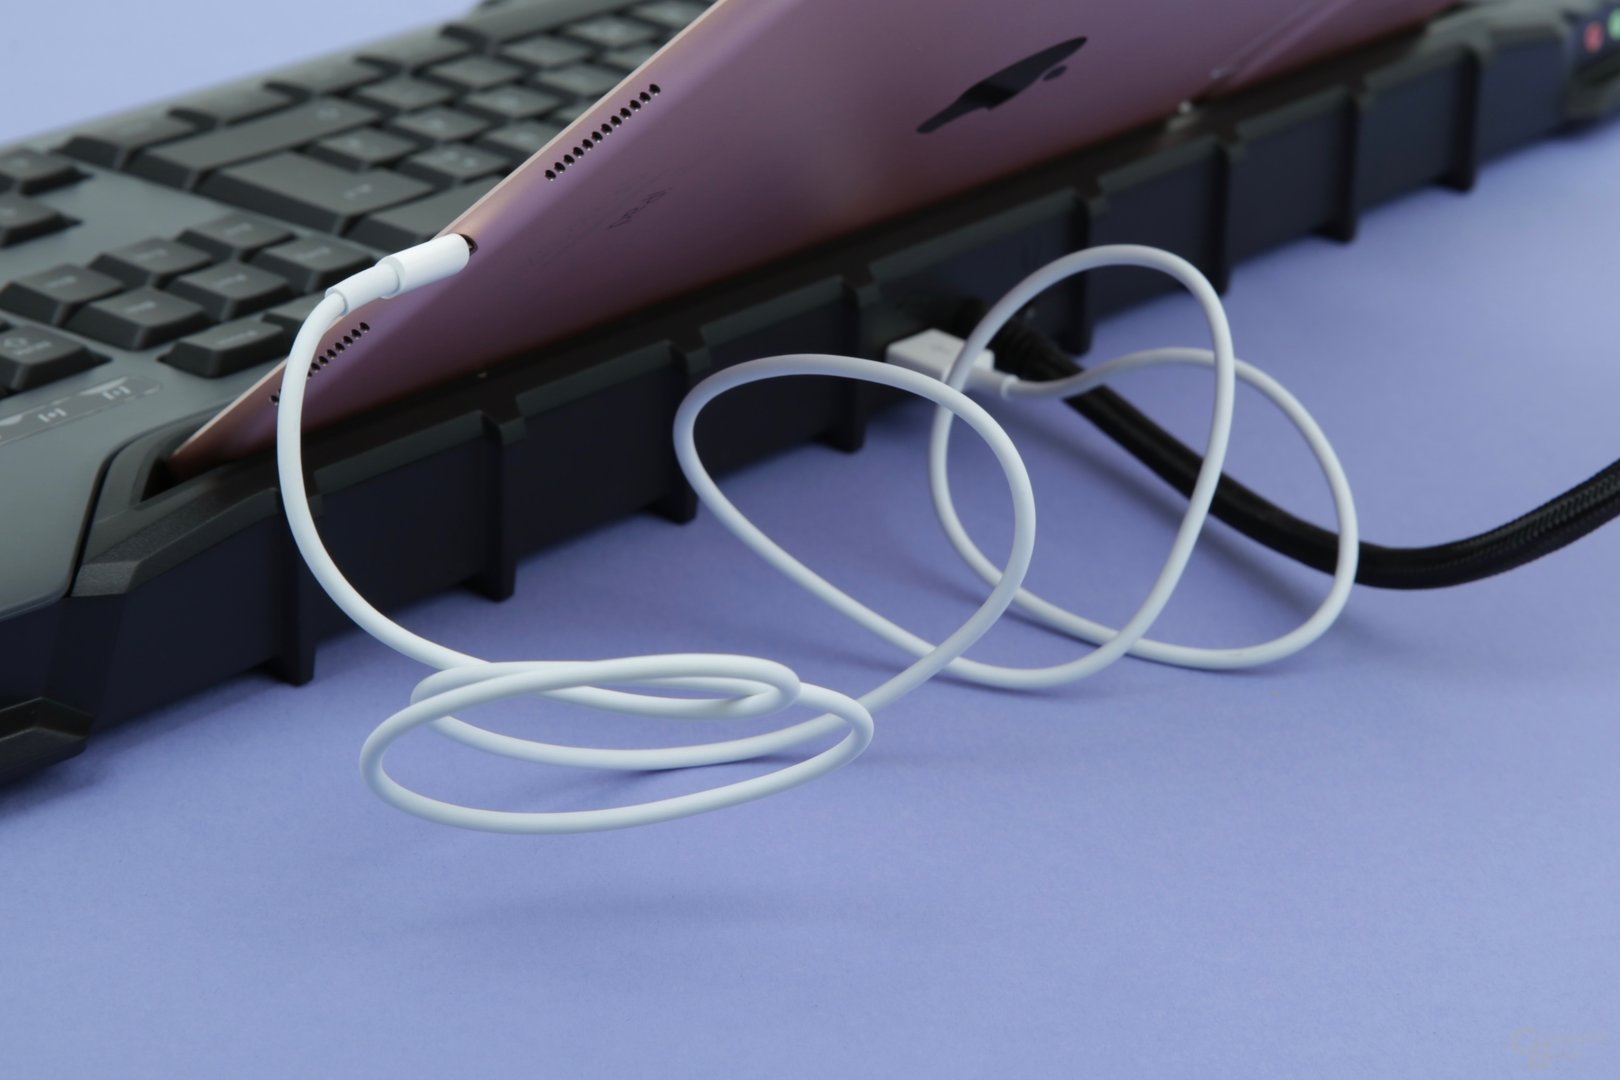 Ein USB-Anschluss zum Laden